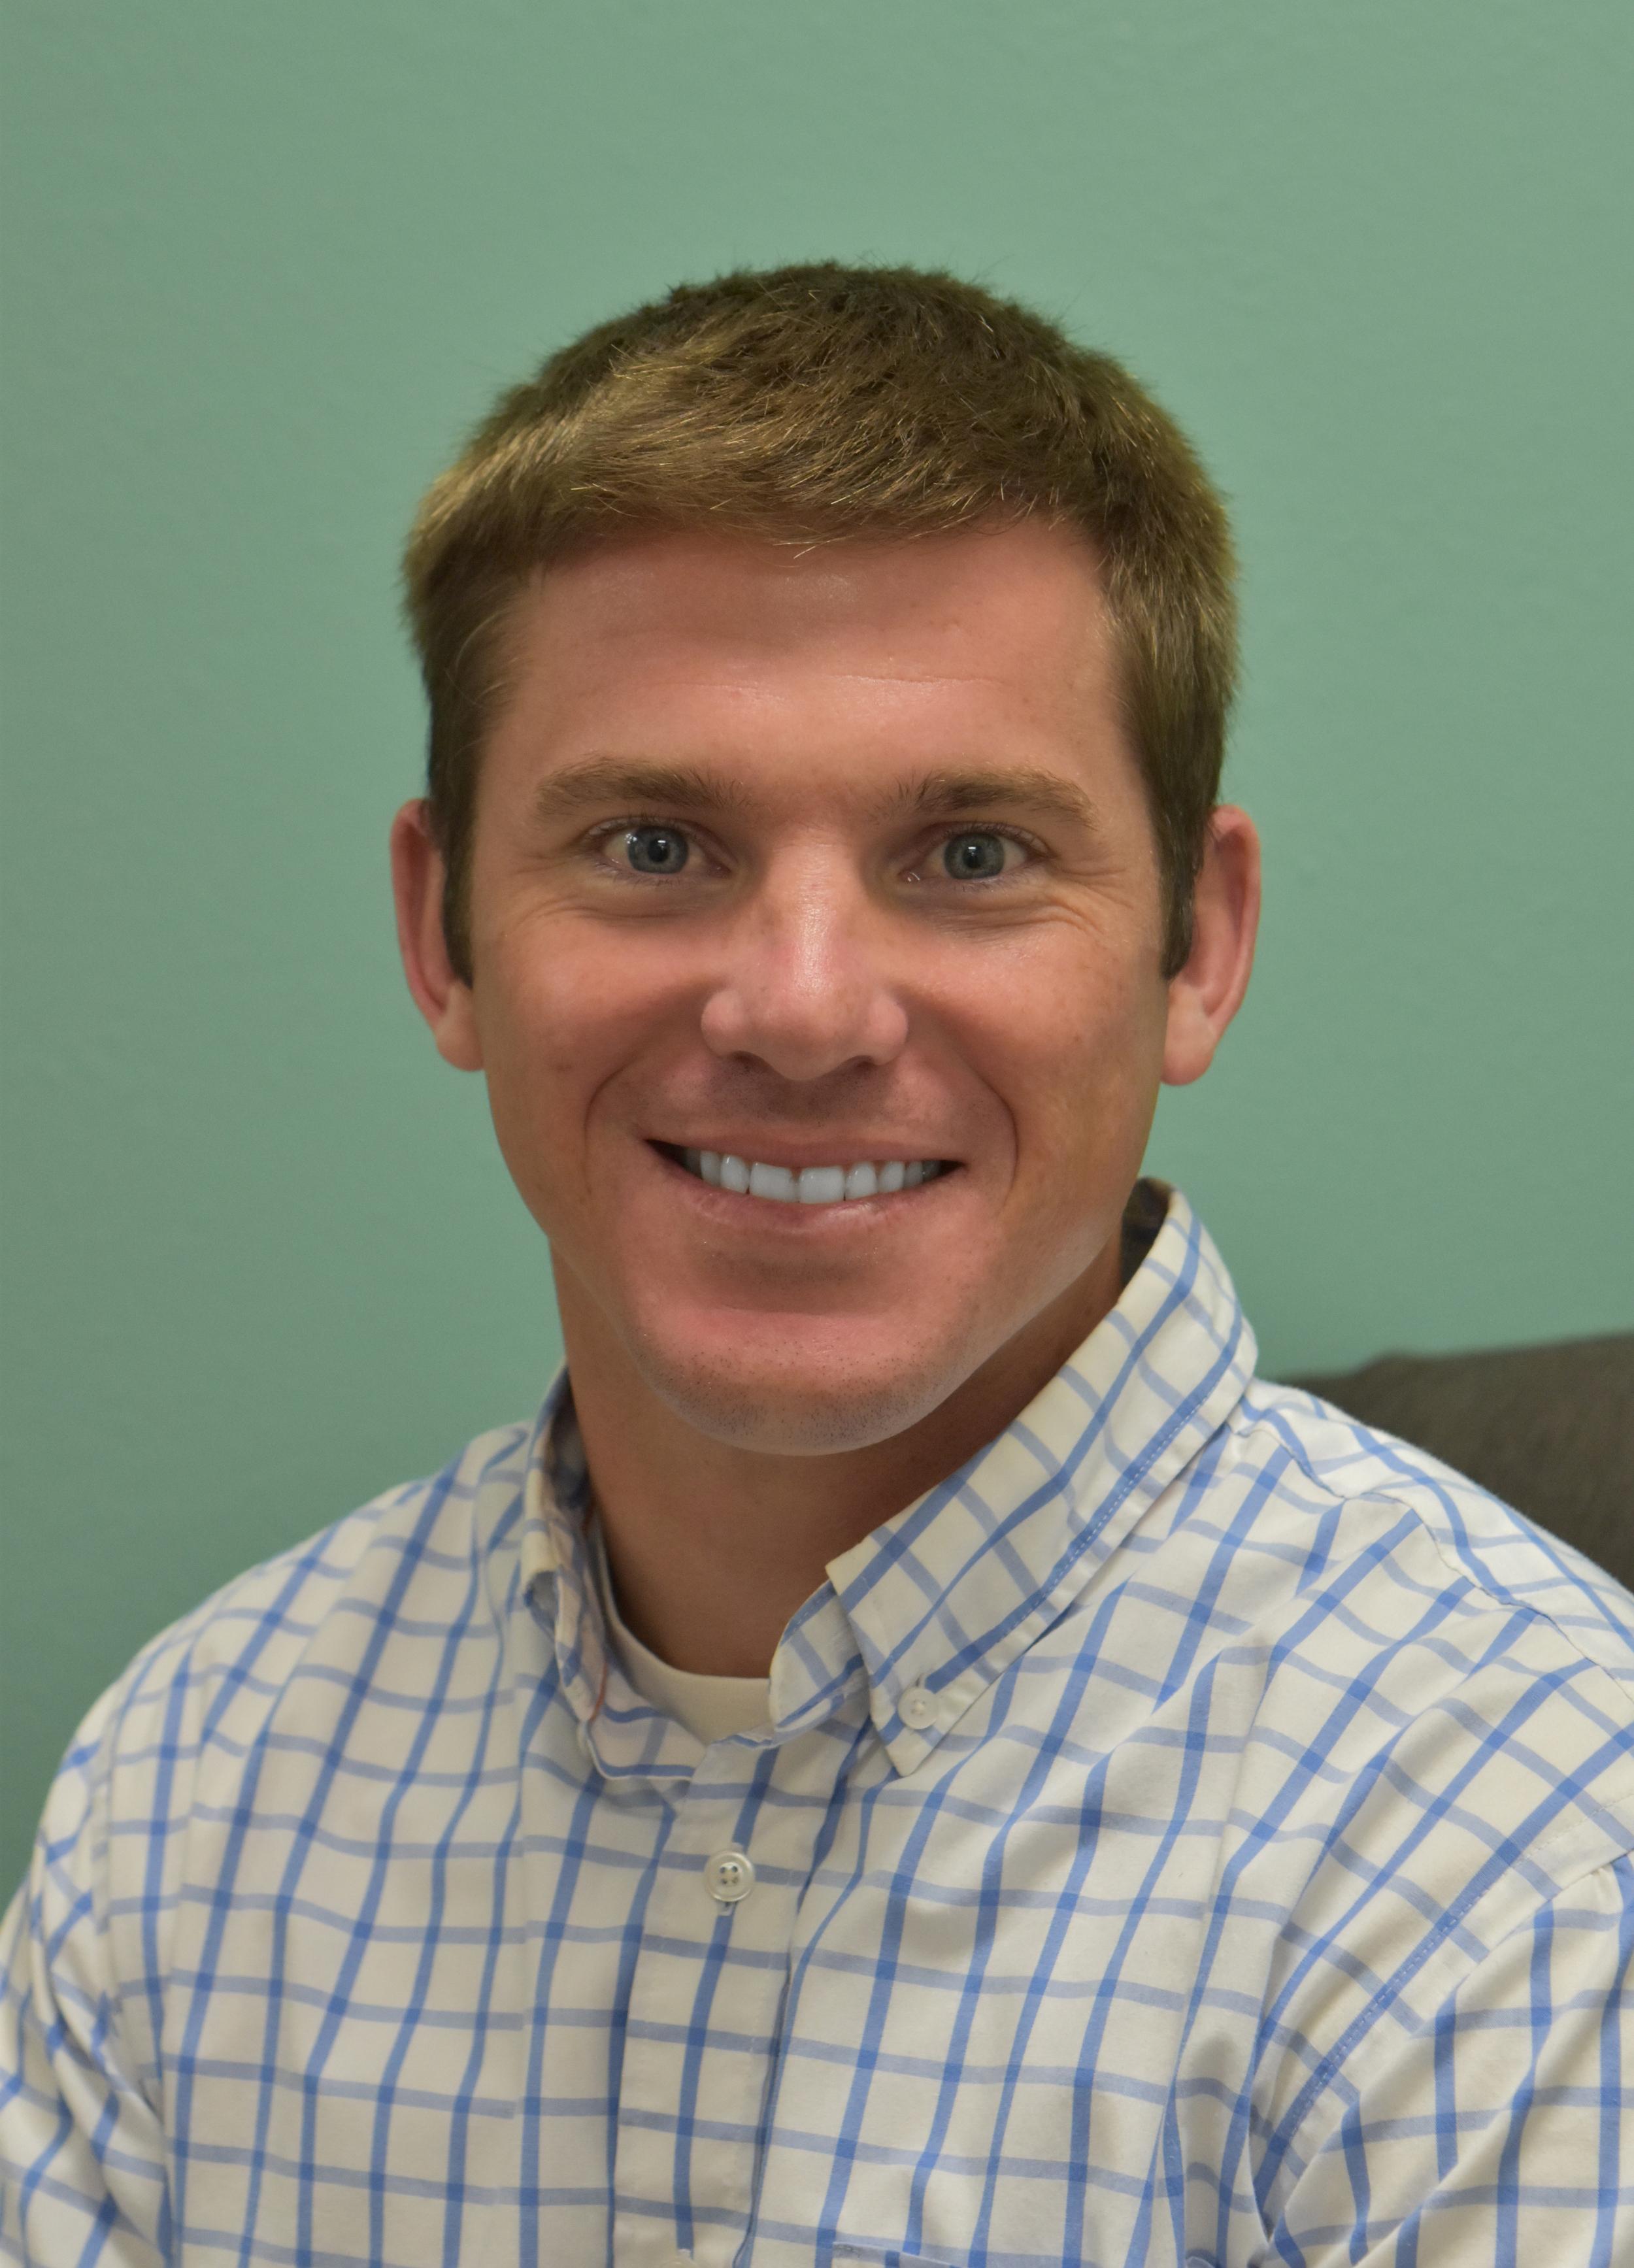 Luke Schultz